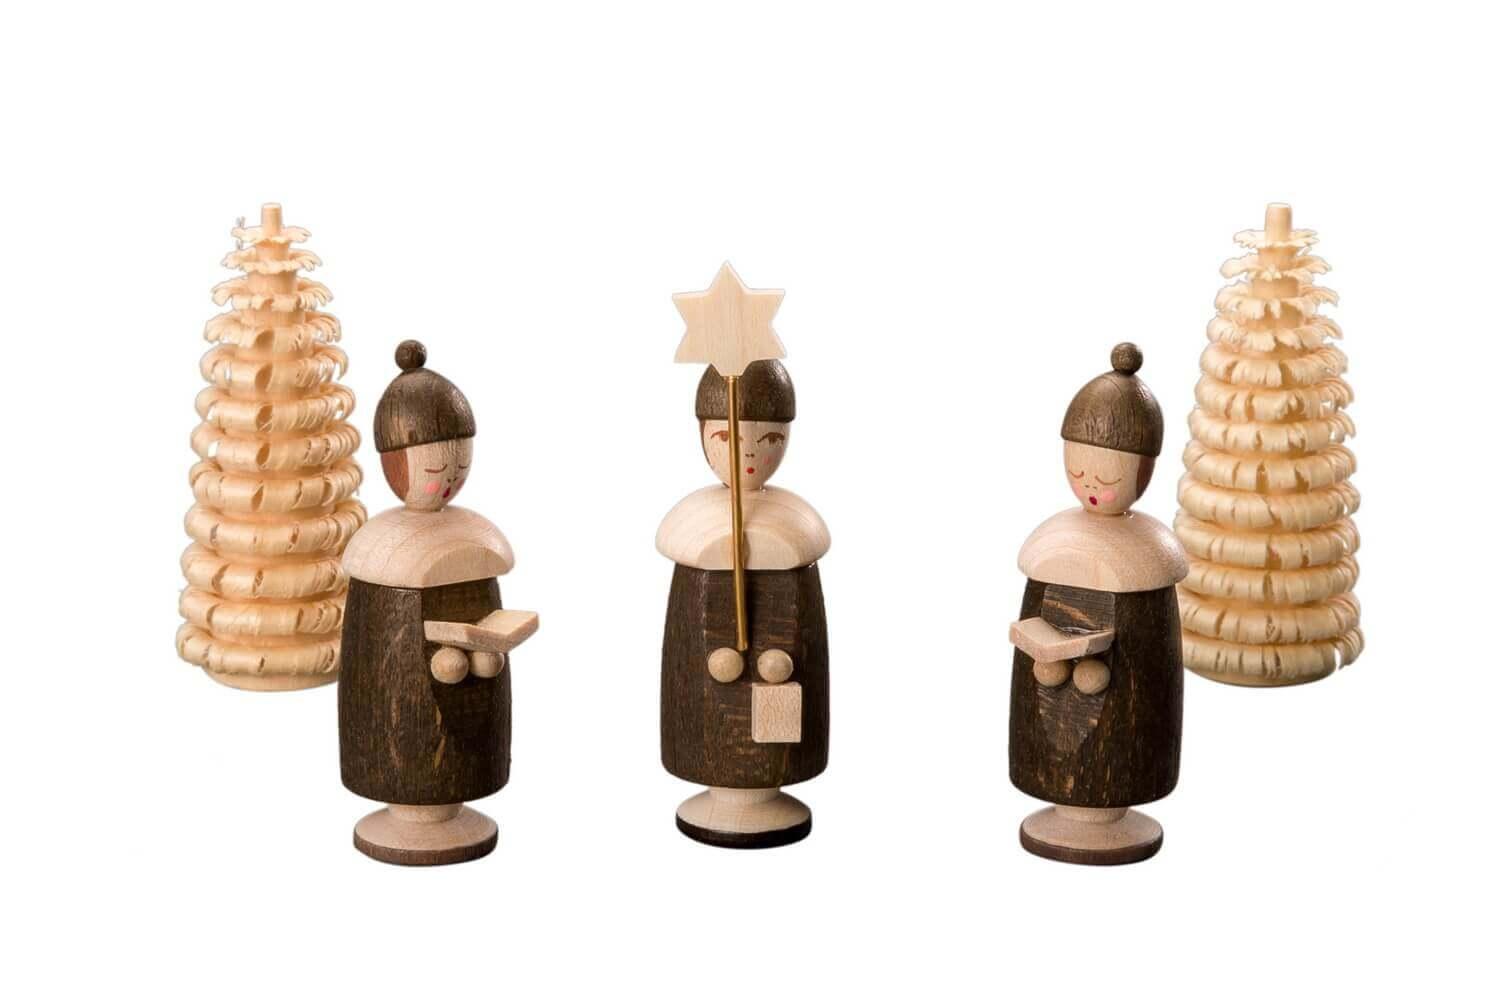 Albin Preißler Kurrendefiguren mit Mütze, 3 Stück und 2 Ringelbäumchen, natur